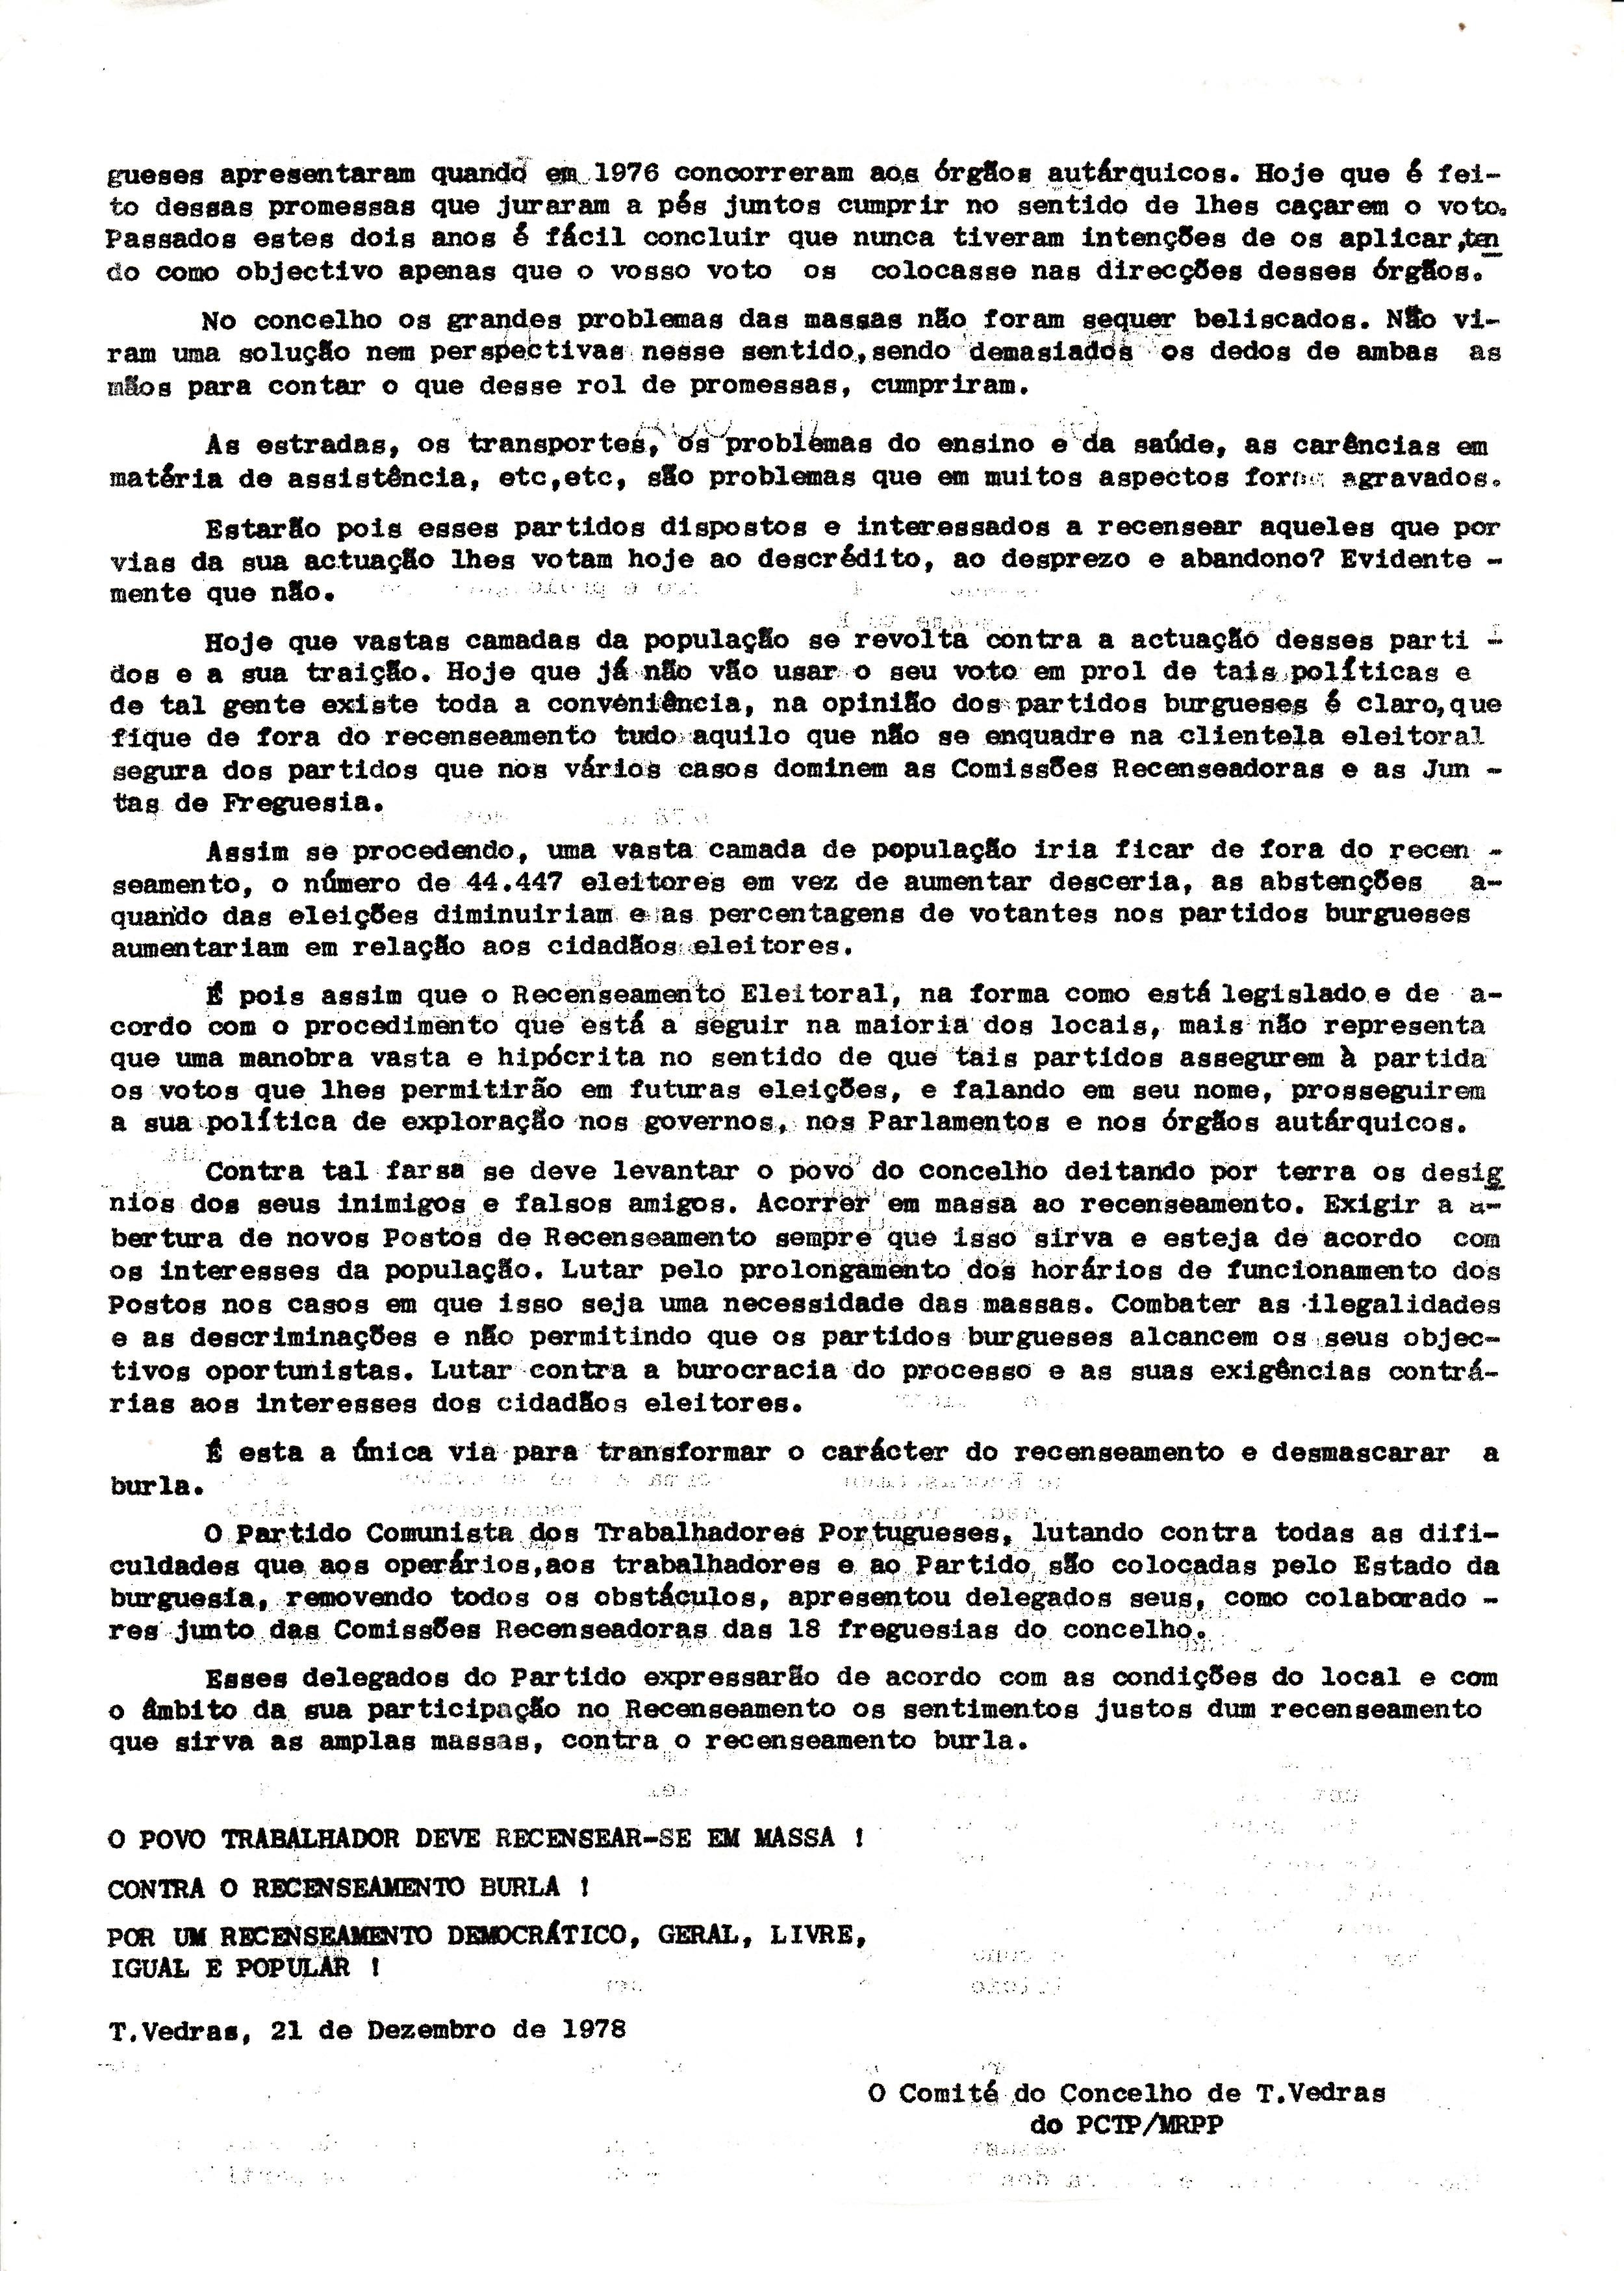 MRPP_1978_12_21_0002